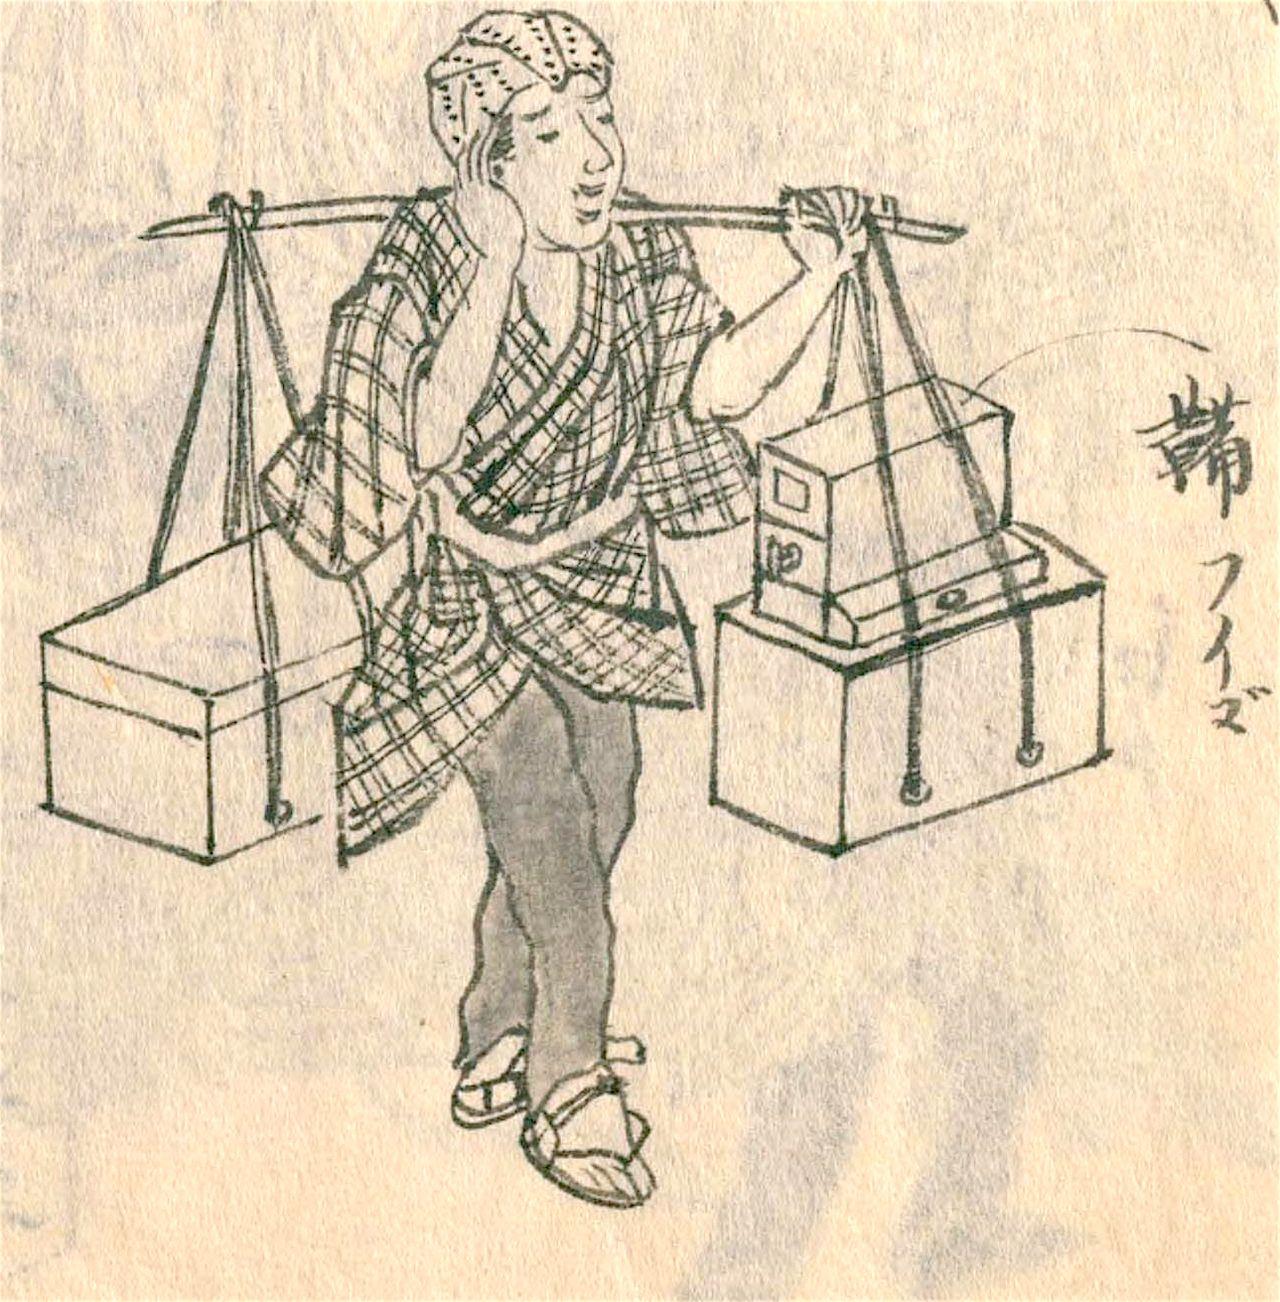 Мастер по железным изделиям («Морисада манко»)